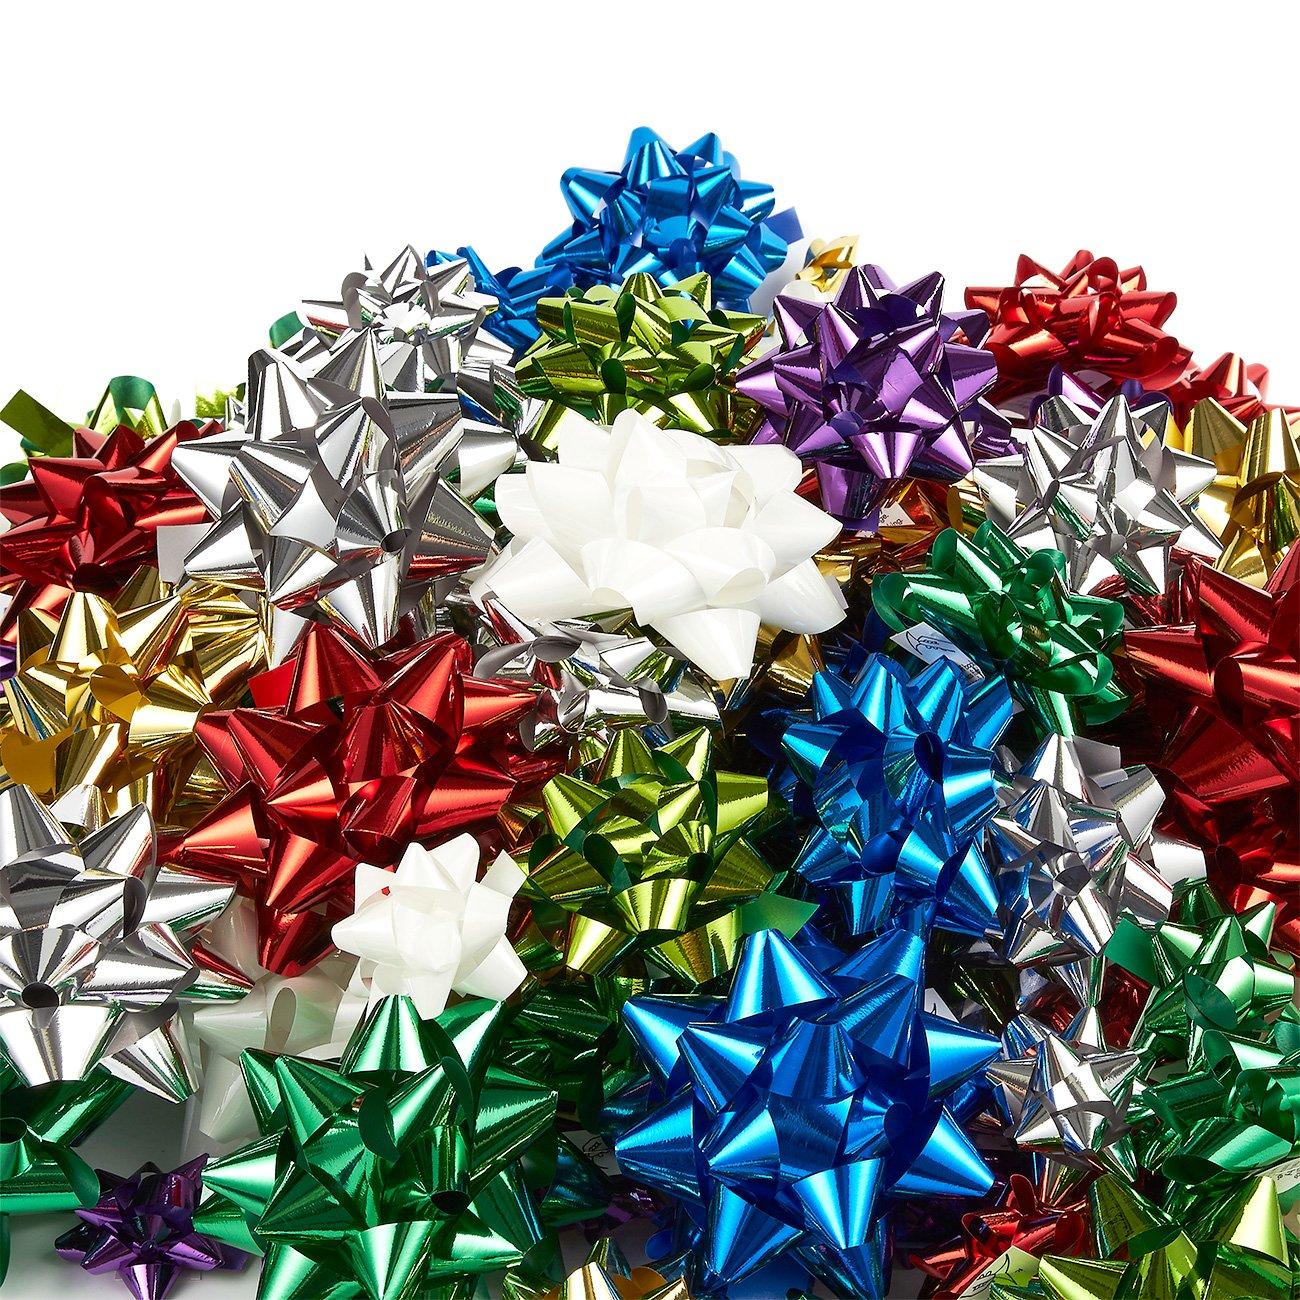 120-count regalo fiocchi–pull fiocchi, regalo nastri–include grandi, medie, piccole dimensioni, Peel and Stick, colori assortiti Juvale